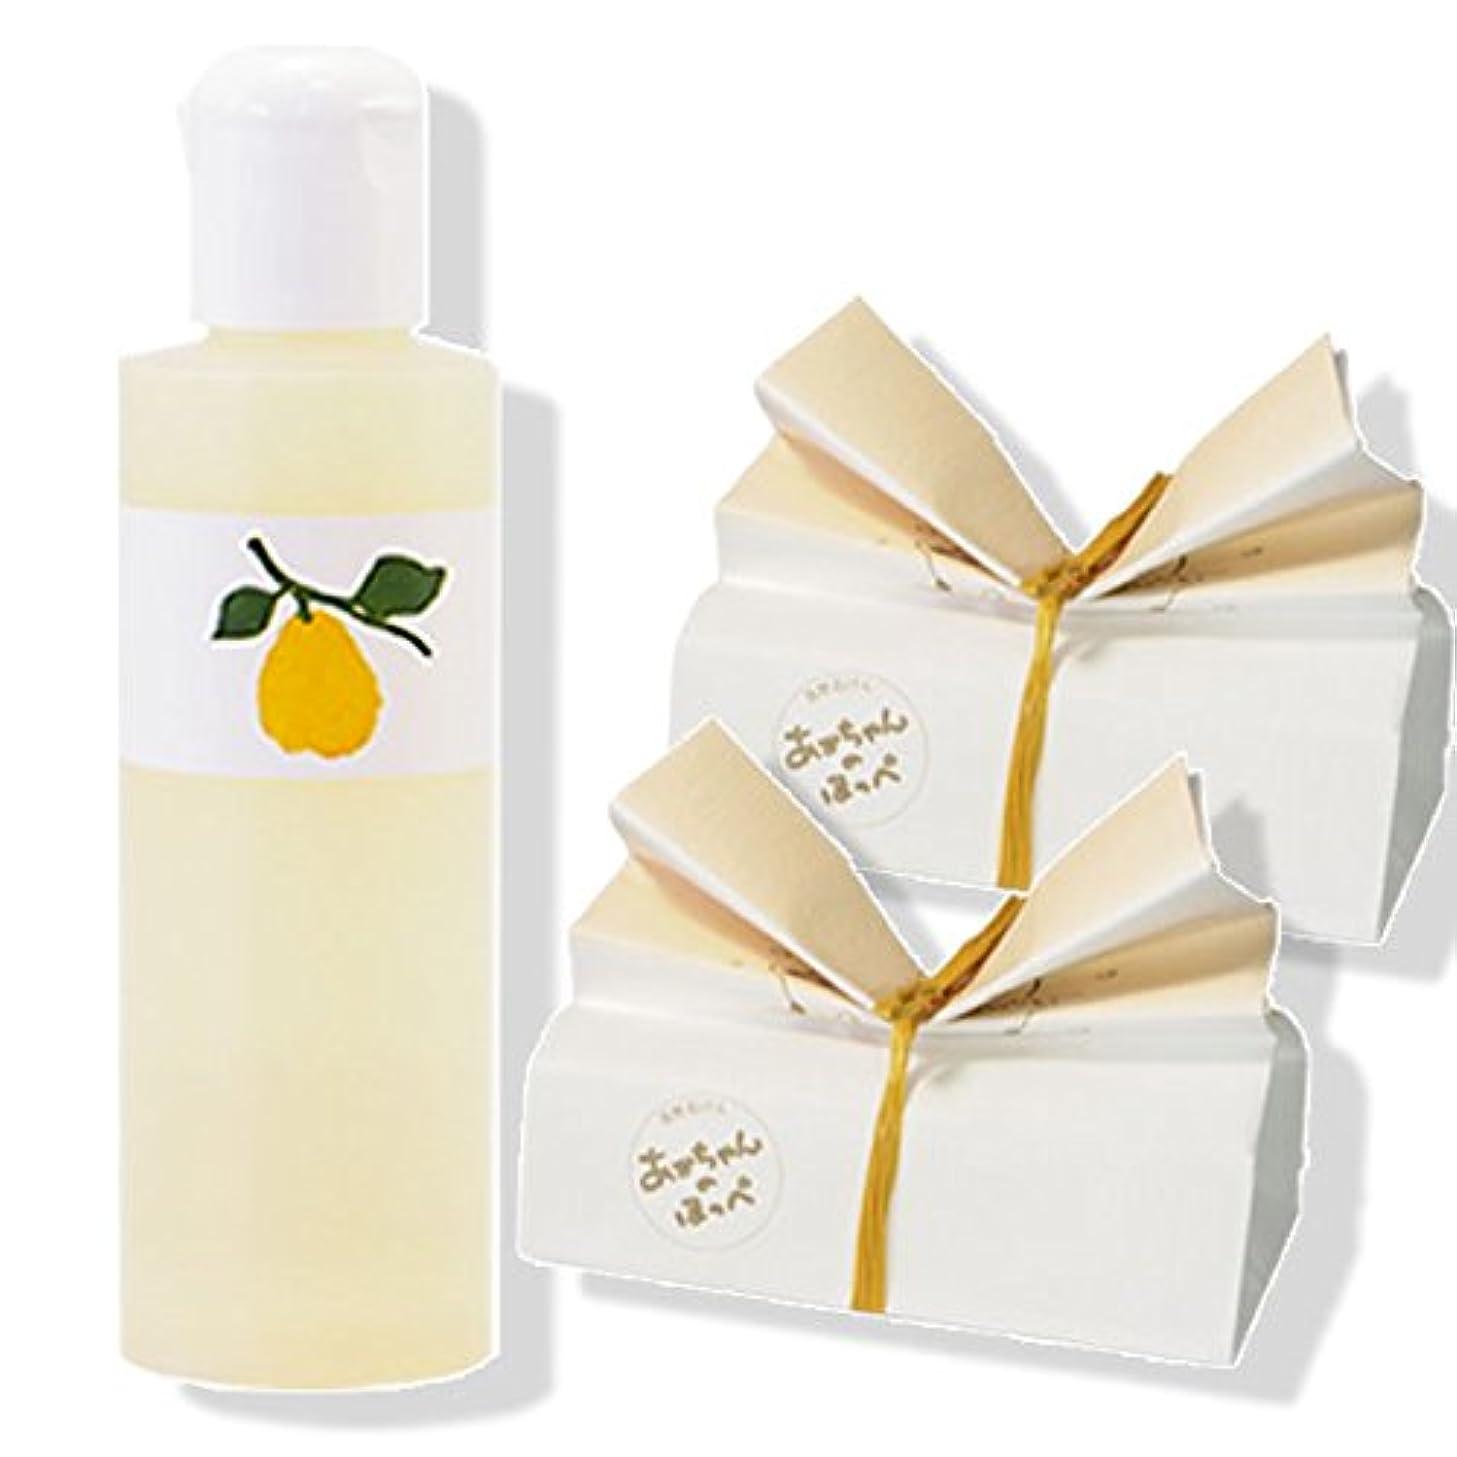 解放人質亜熱帯「花梨の化粧水」1本 & 「あかちゃんのほっぺ」石鹸 2個セット